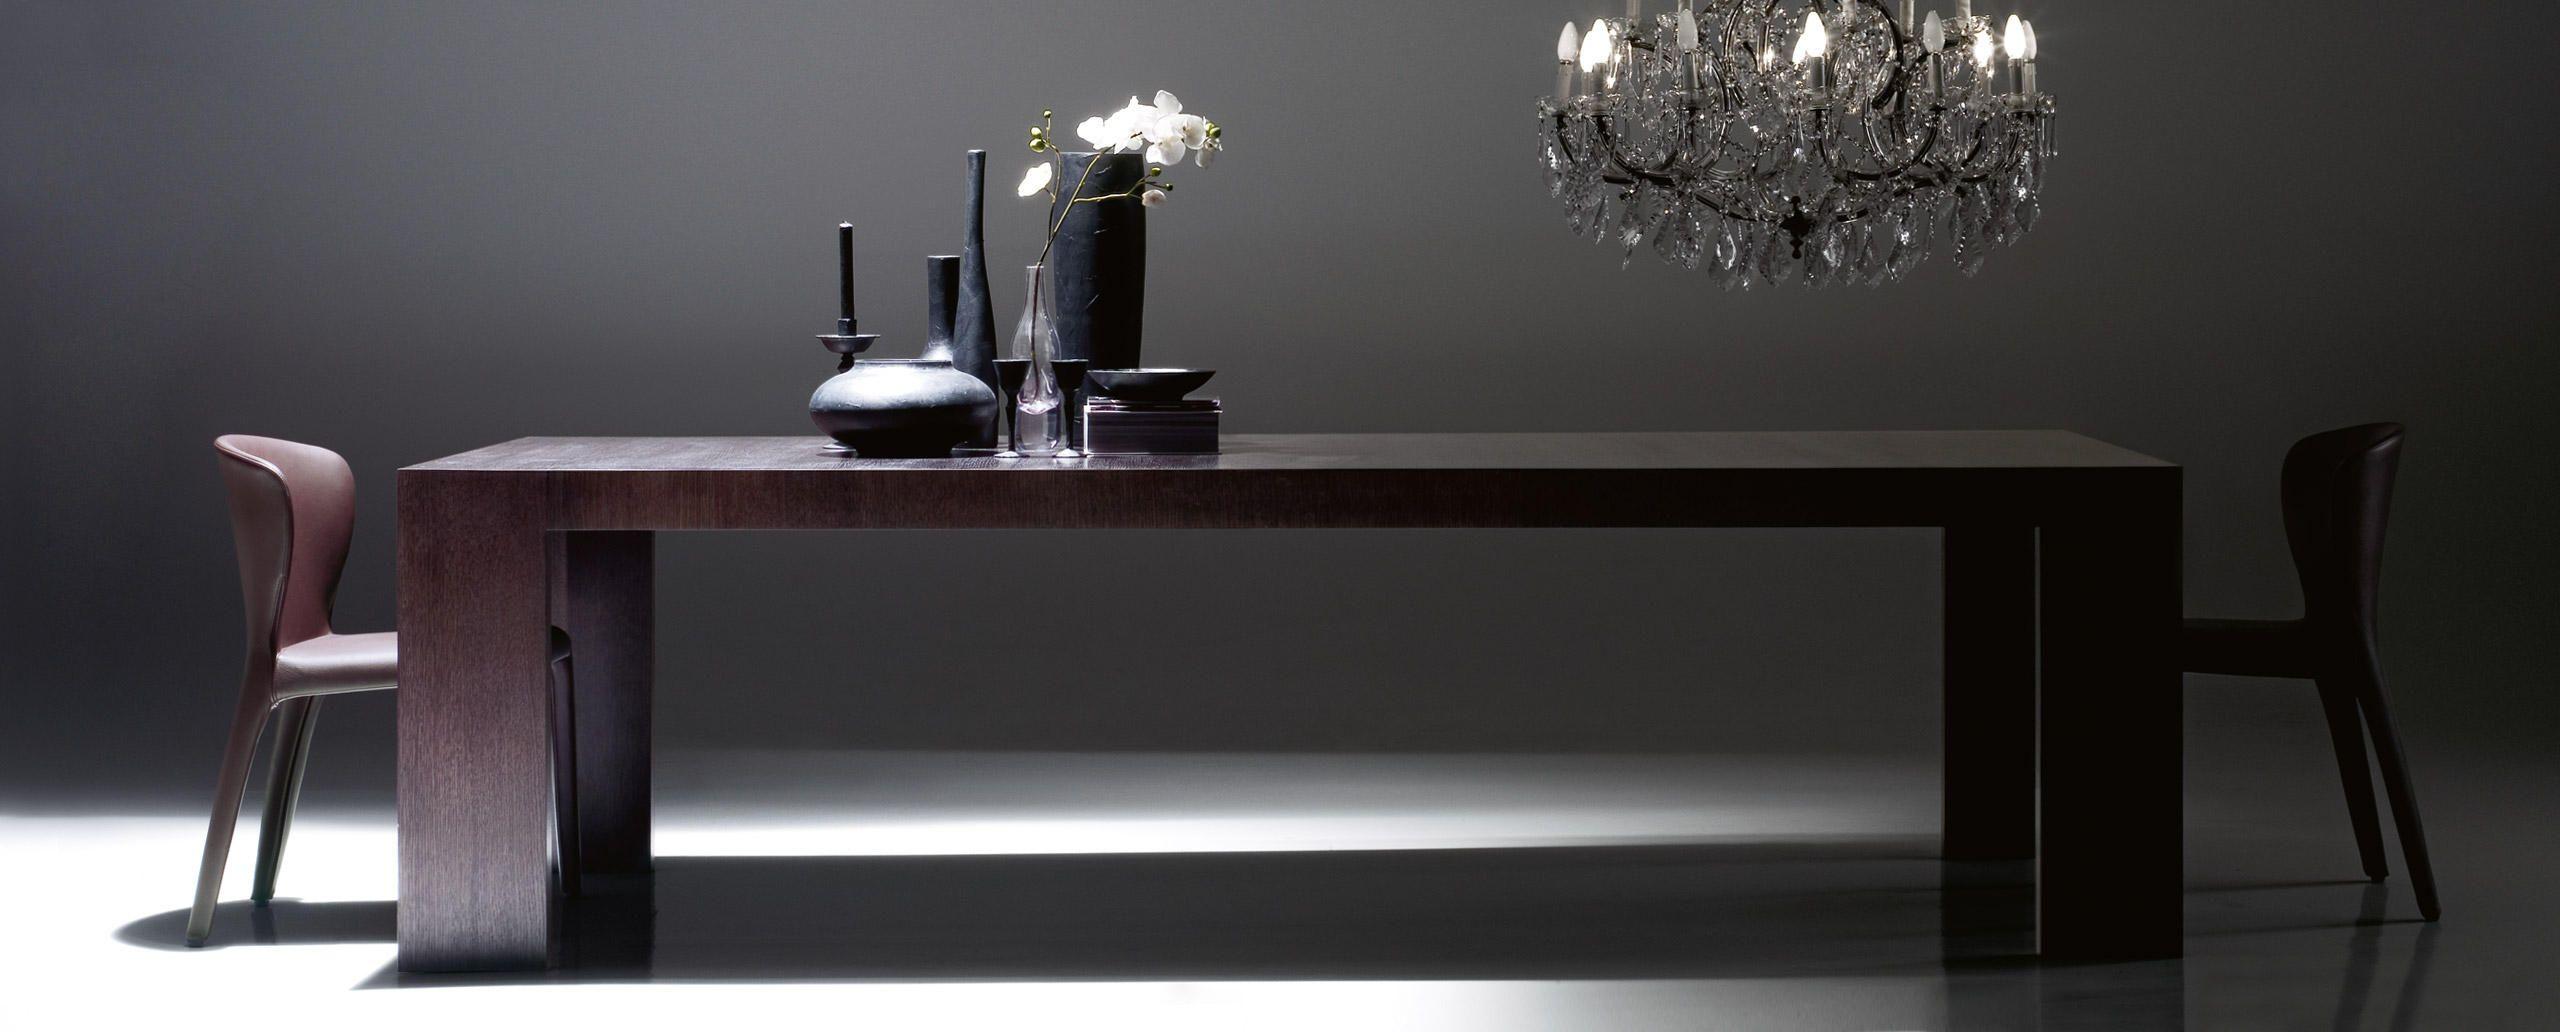 370 el dom selezione arredi pinterest tables and house for Rollandi arredamenti